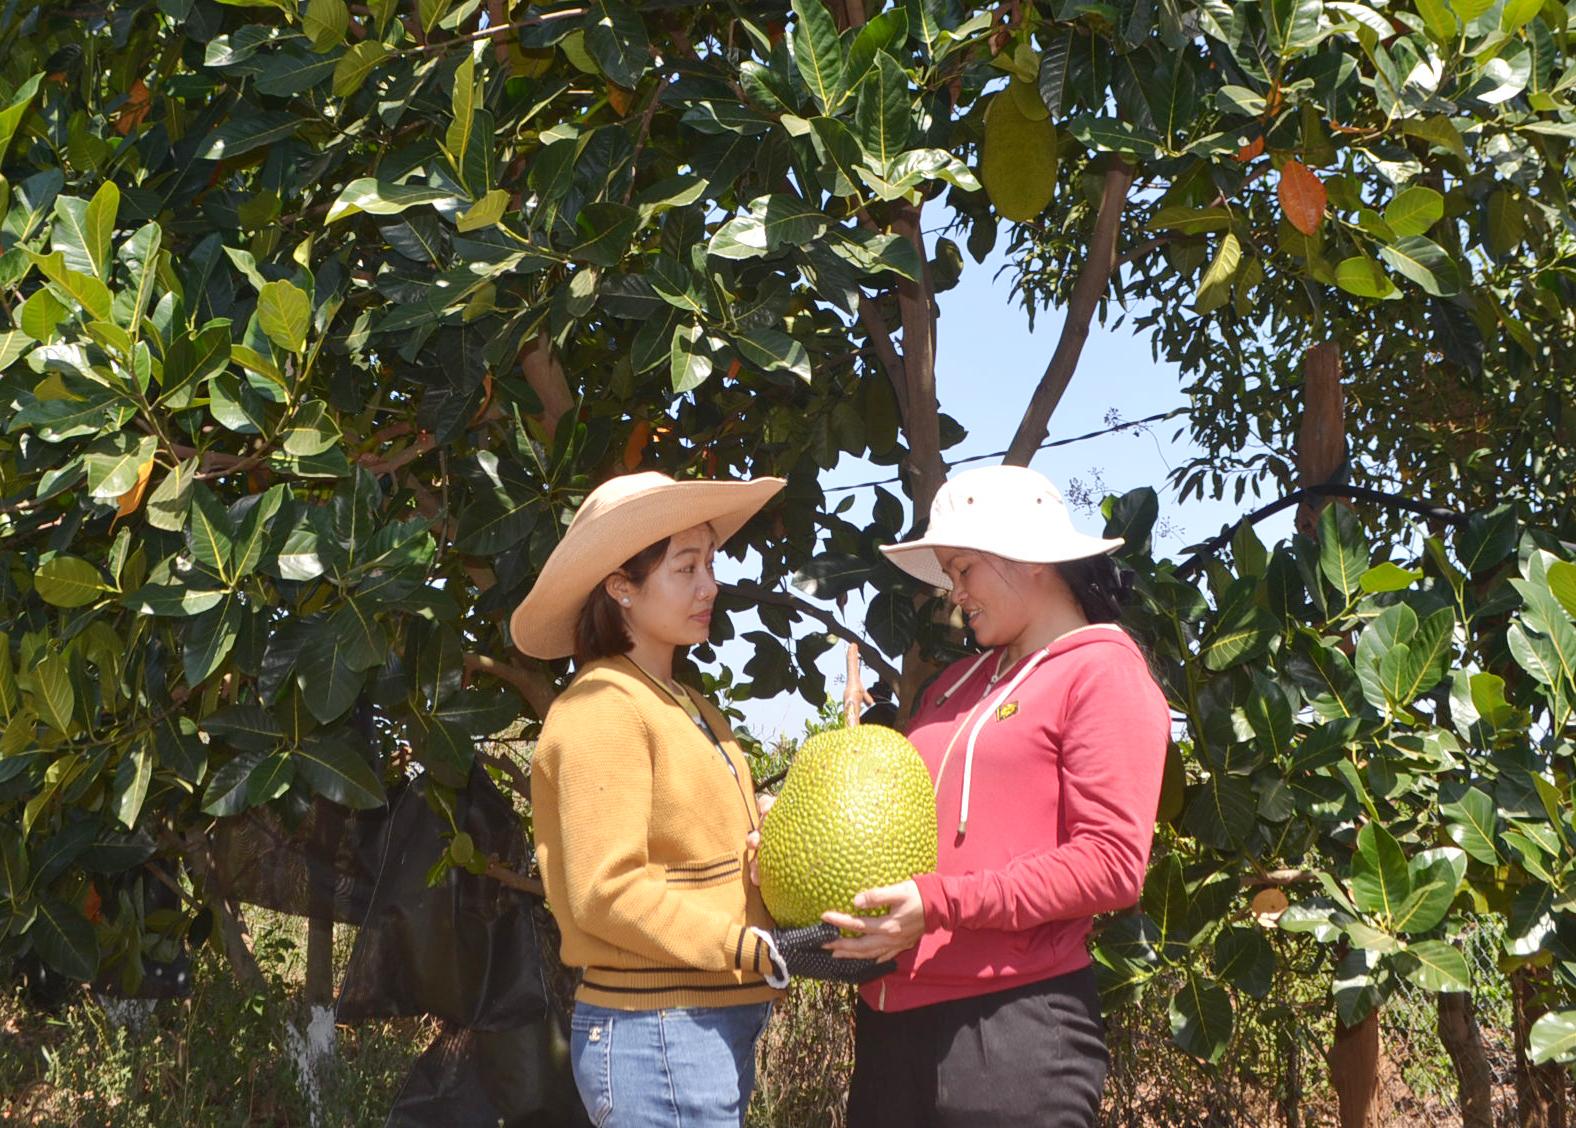 Chị Trần Thị Mai giới thiệu sản phẩm mít vườn với du khách tham quan.